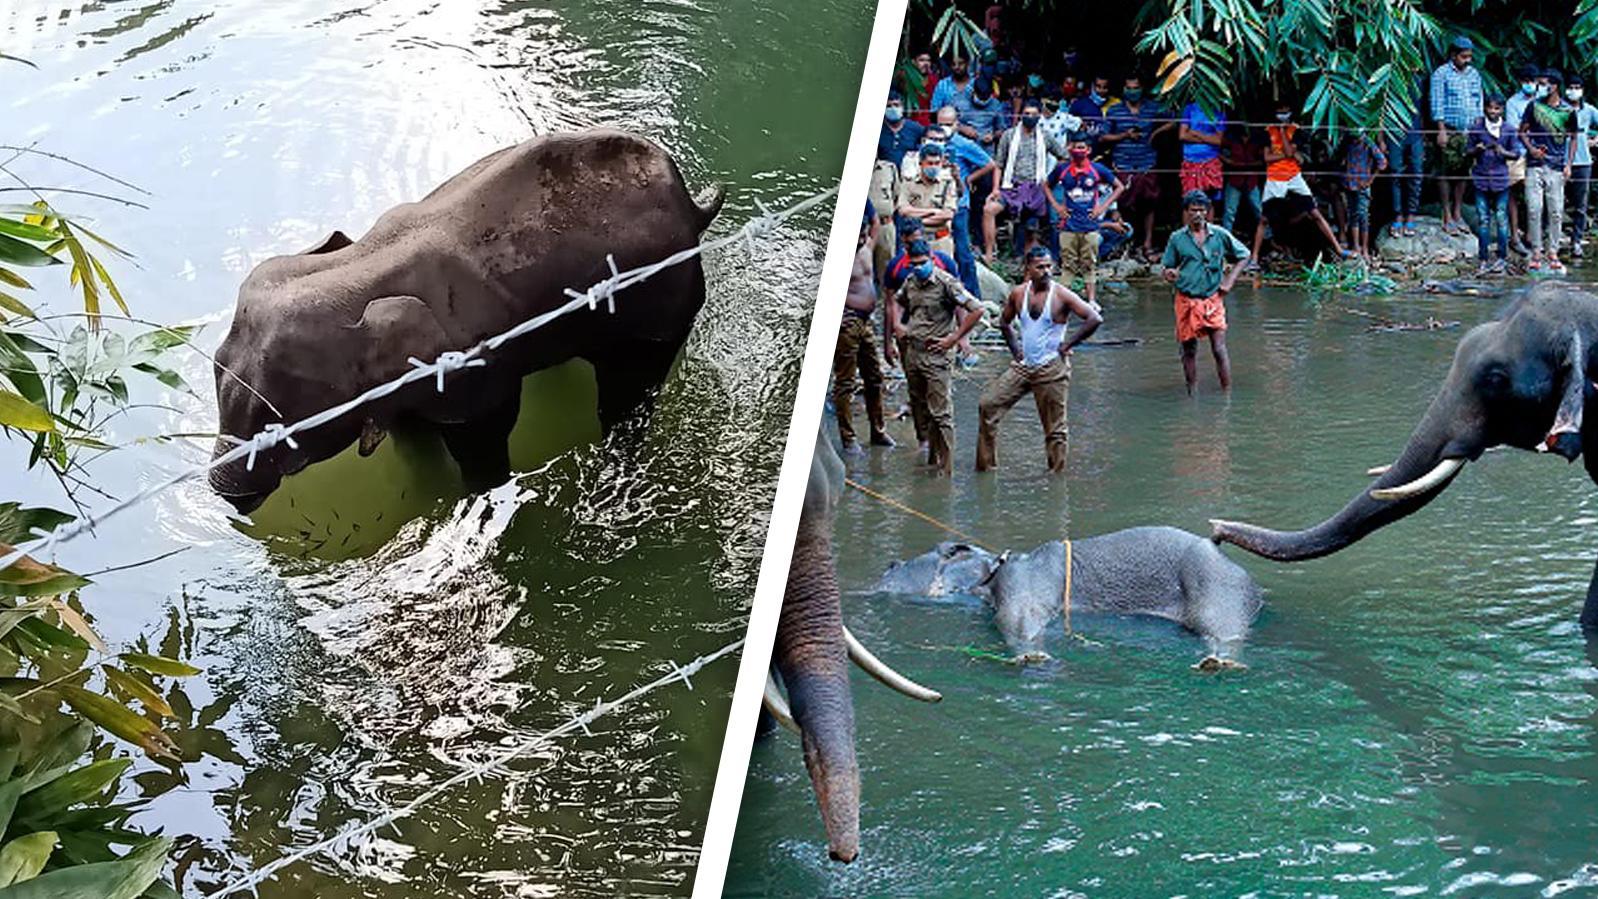 Grausame Tat in Indien: Eine Elefantenkuh wird mit einer explosiven Ananas gefüttert und stirbt.